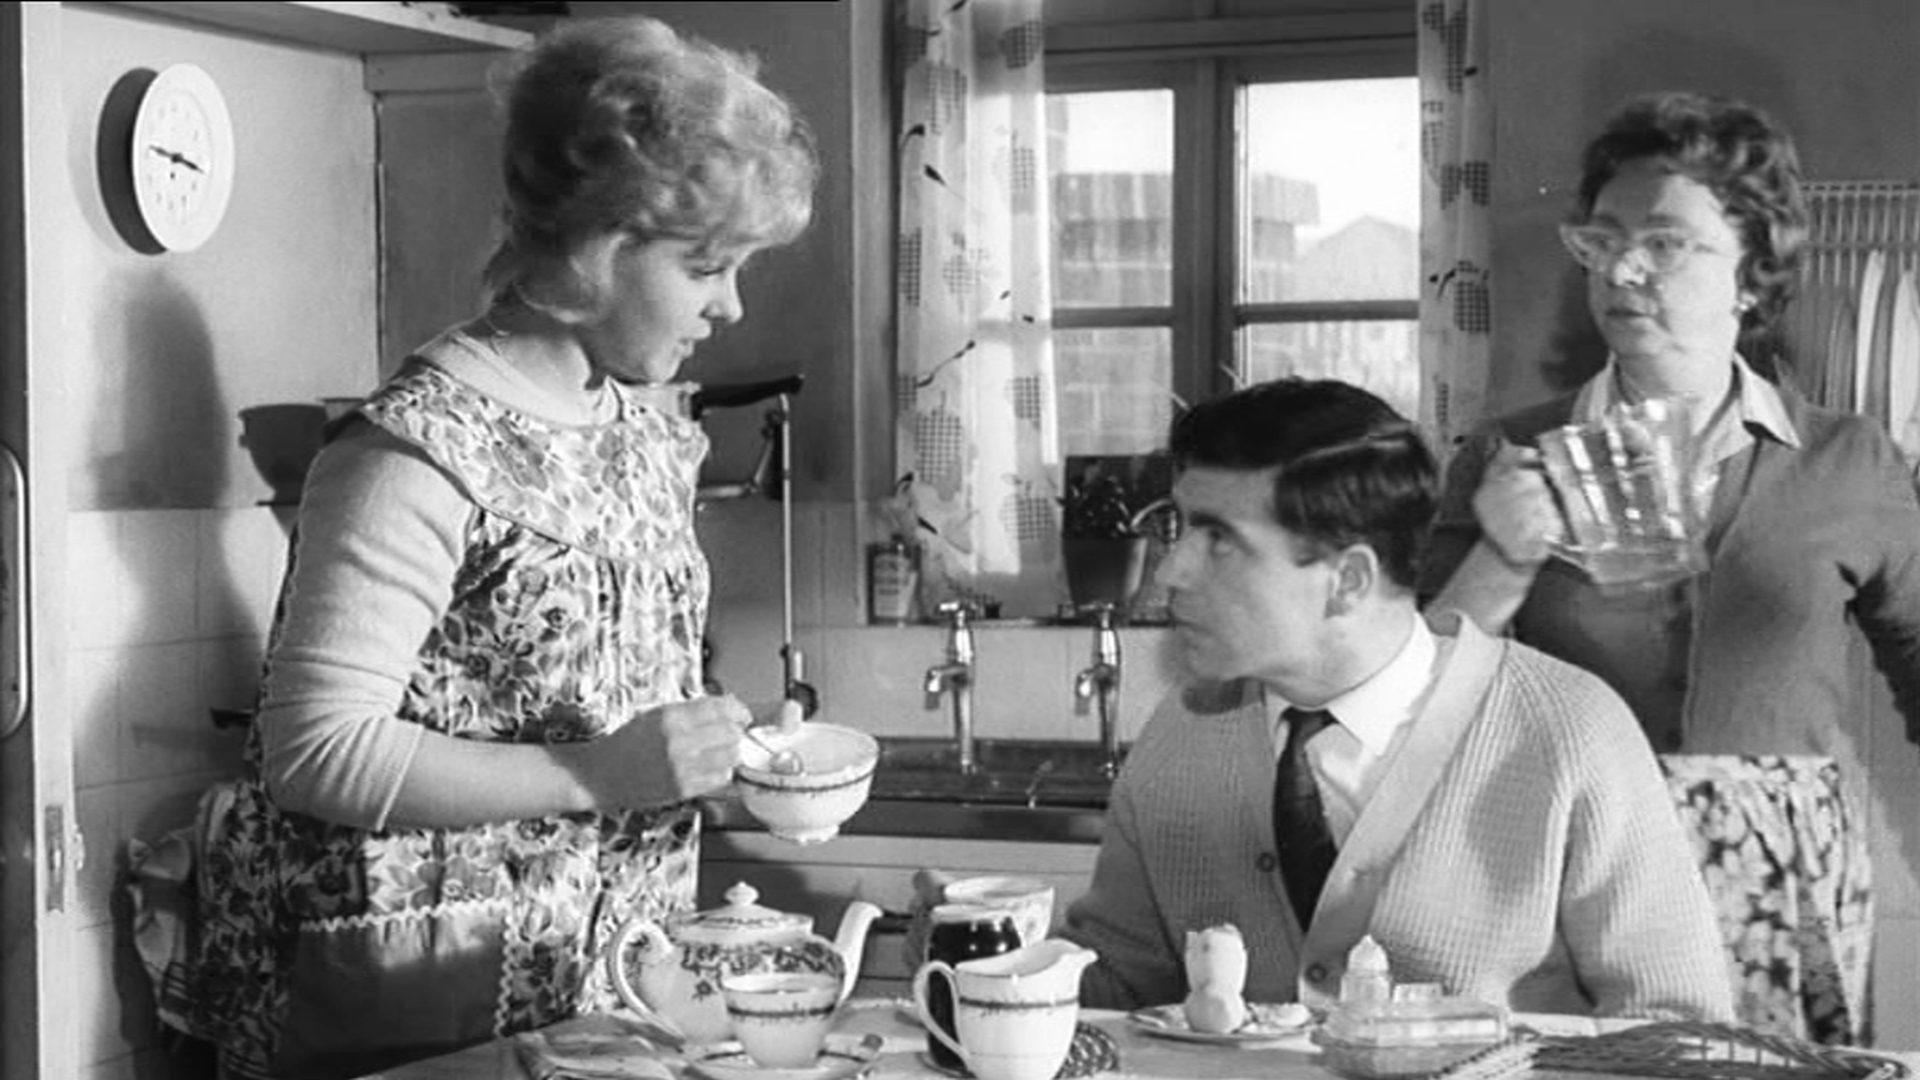 Vic und Ingrid mit Ingrids Mutter beim Frühstück in deren Küche.